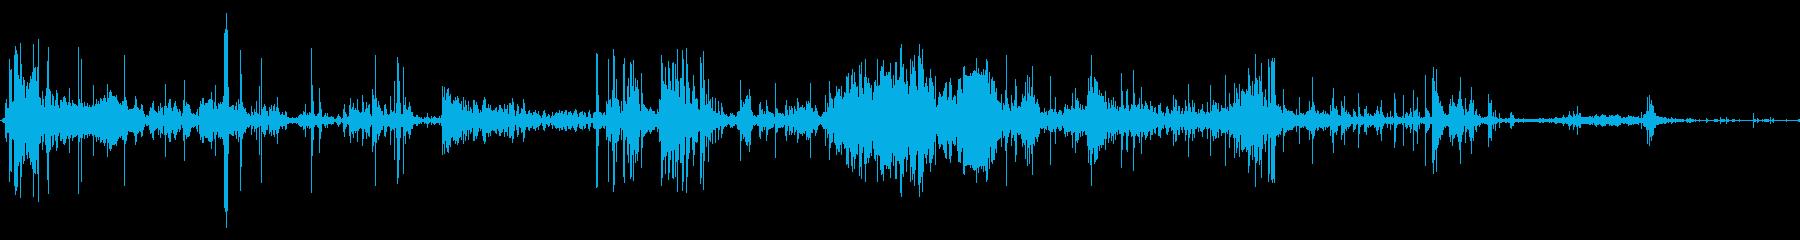 大規模なエイリアンクリーチャー:か...の再生済みの波形